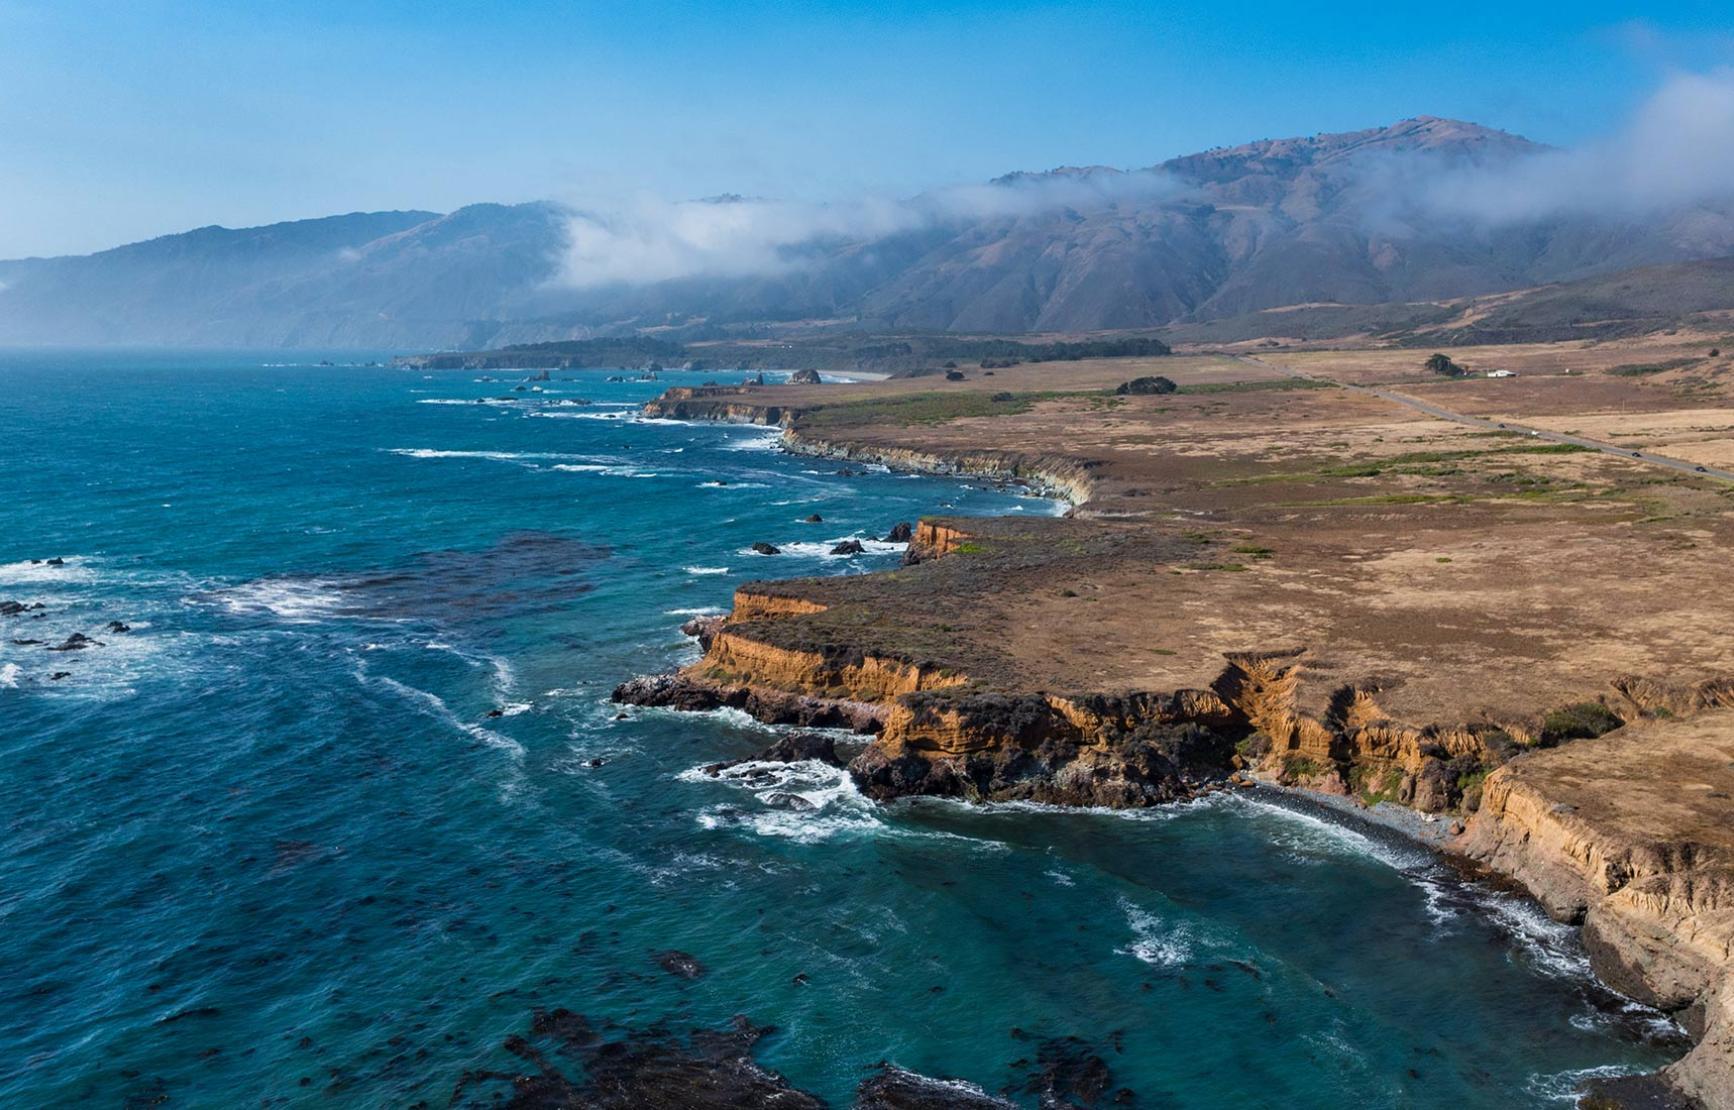 cliffs and oceanside on coastal range